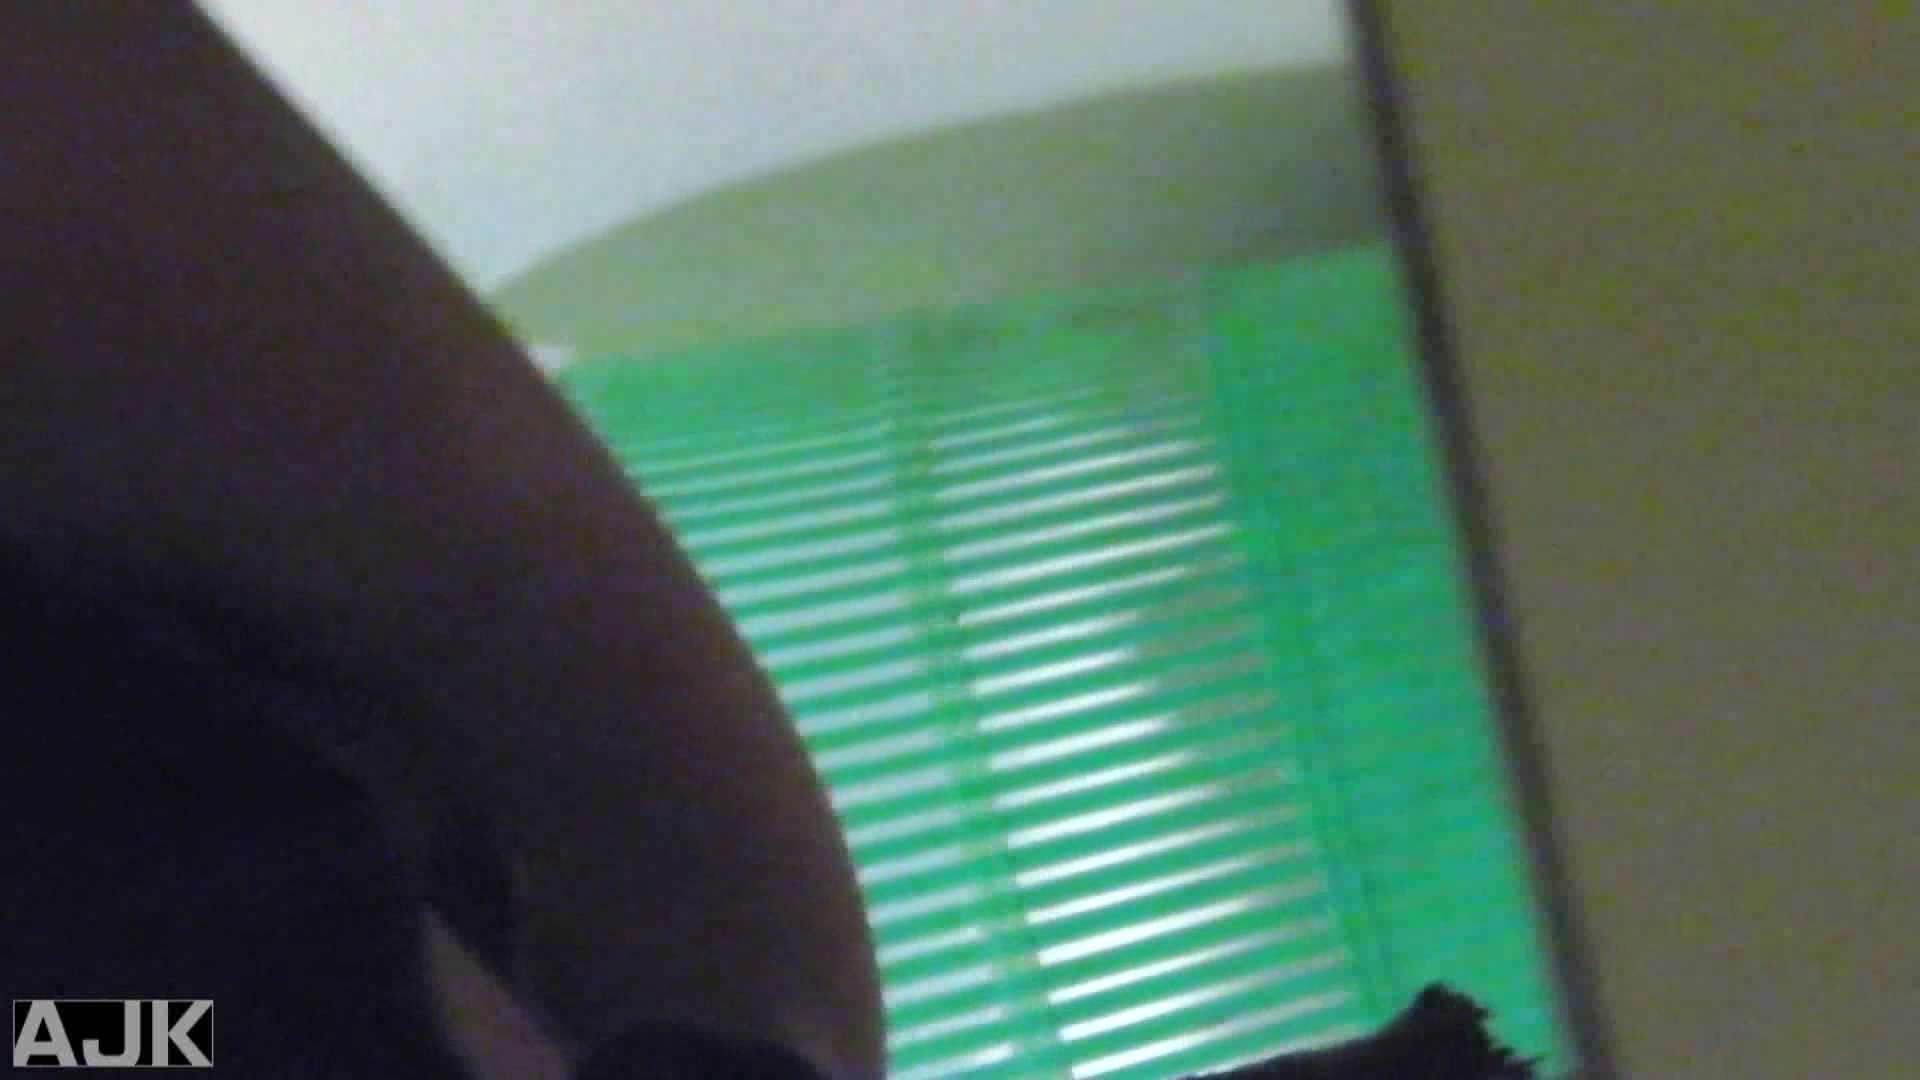 神降臨!史上最強の潜入かわや! vol.01 オマンコ のぞき動画画像 13pic 4